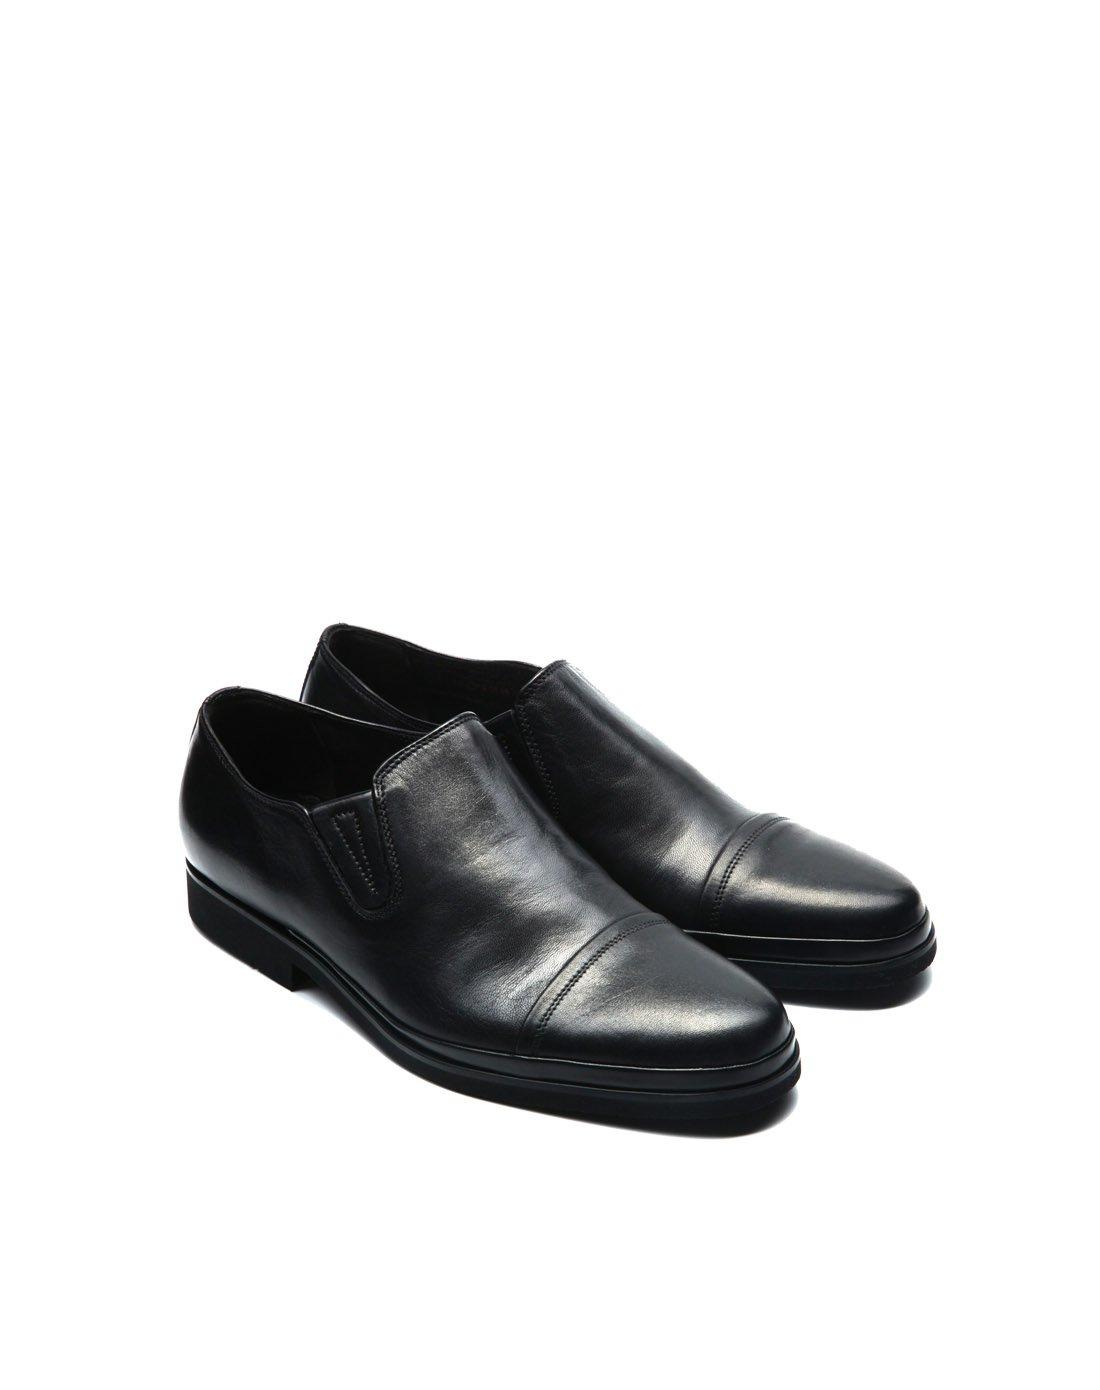 巴路士新品男士欧洲时尚羊皮欧美商务车缝线套脚低帮德比鞋BI120301